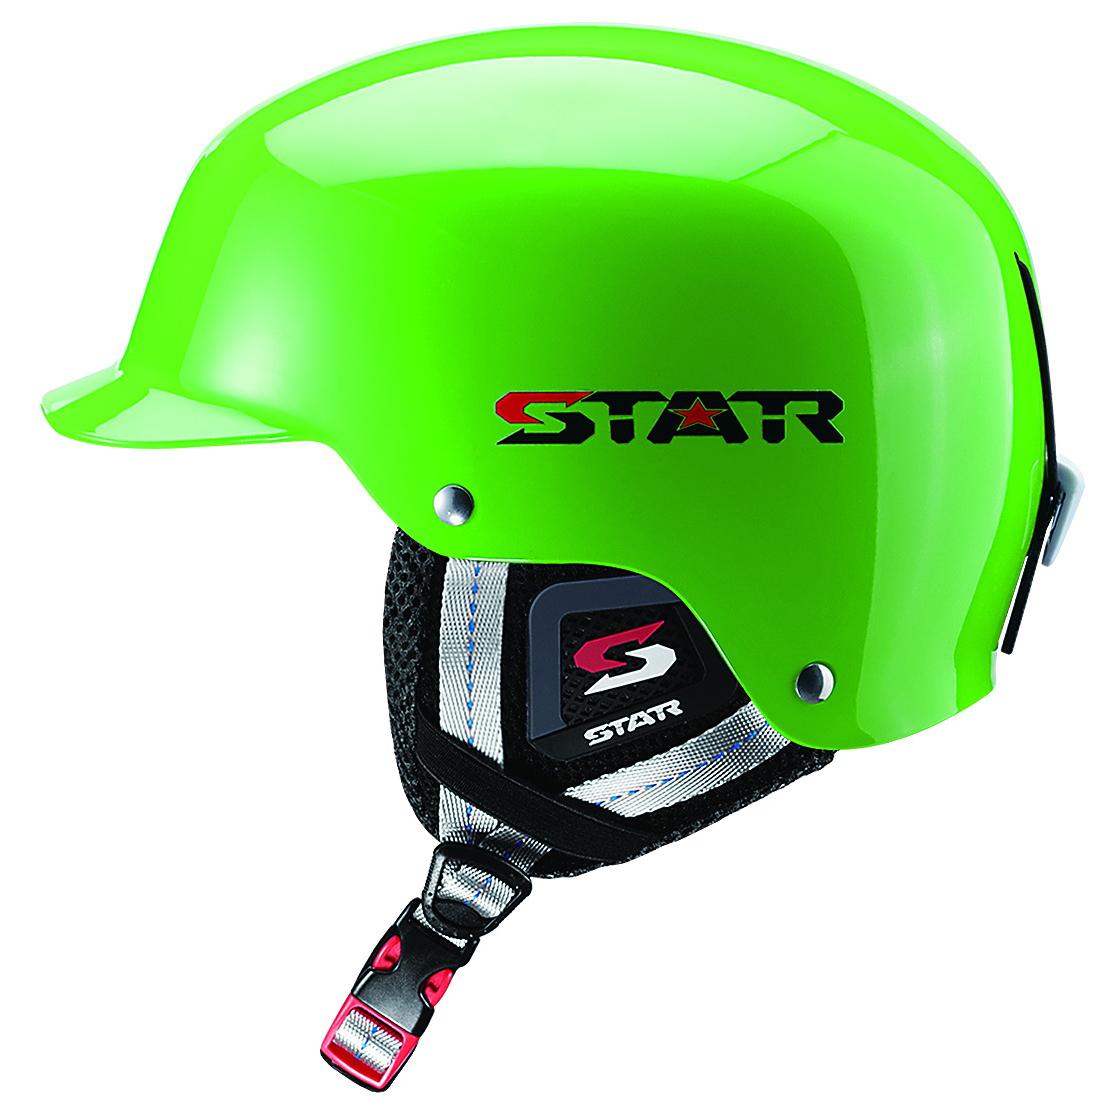 S1-4 Ski Helmet